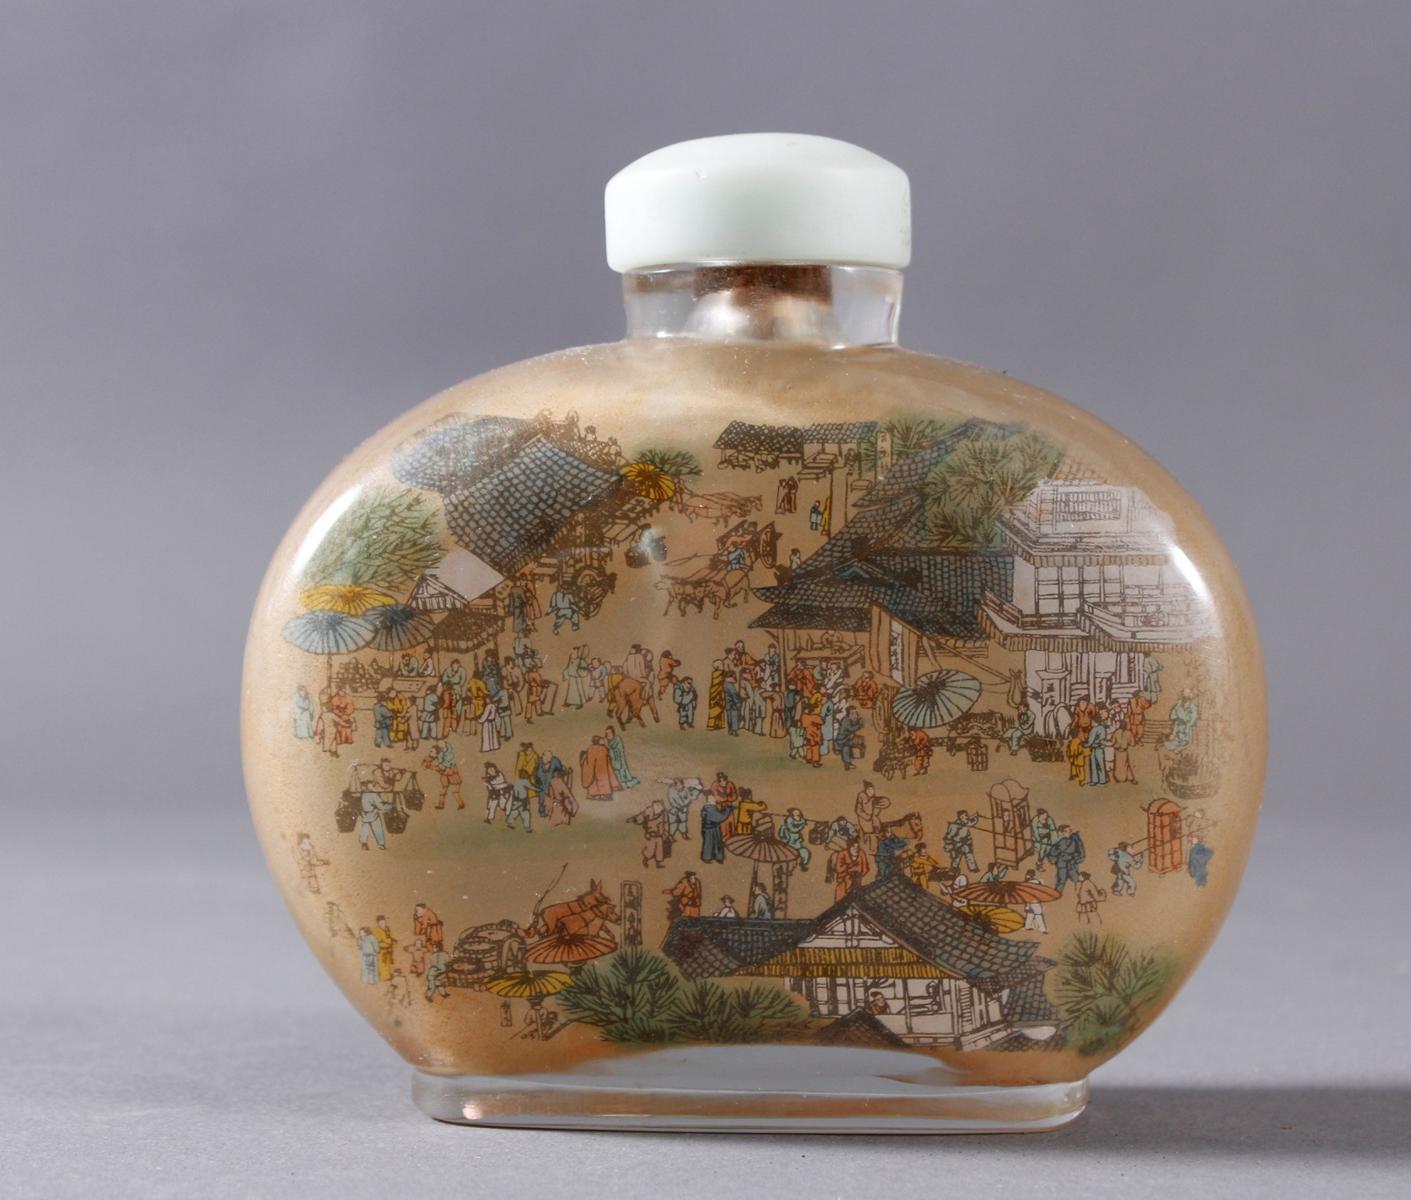 Große Glas Snuffbottle, 1. Hälfte 20. Jahrhundert